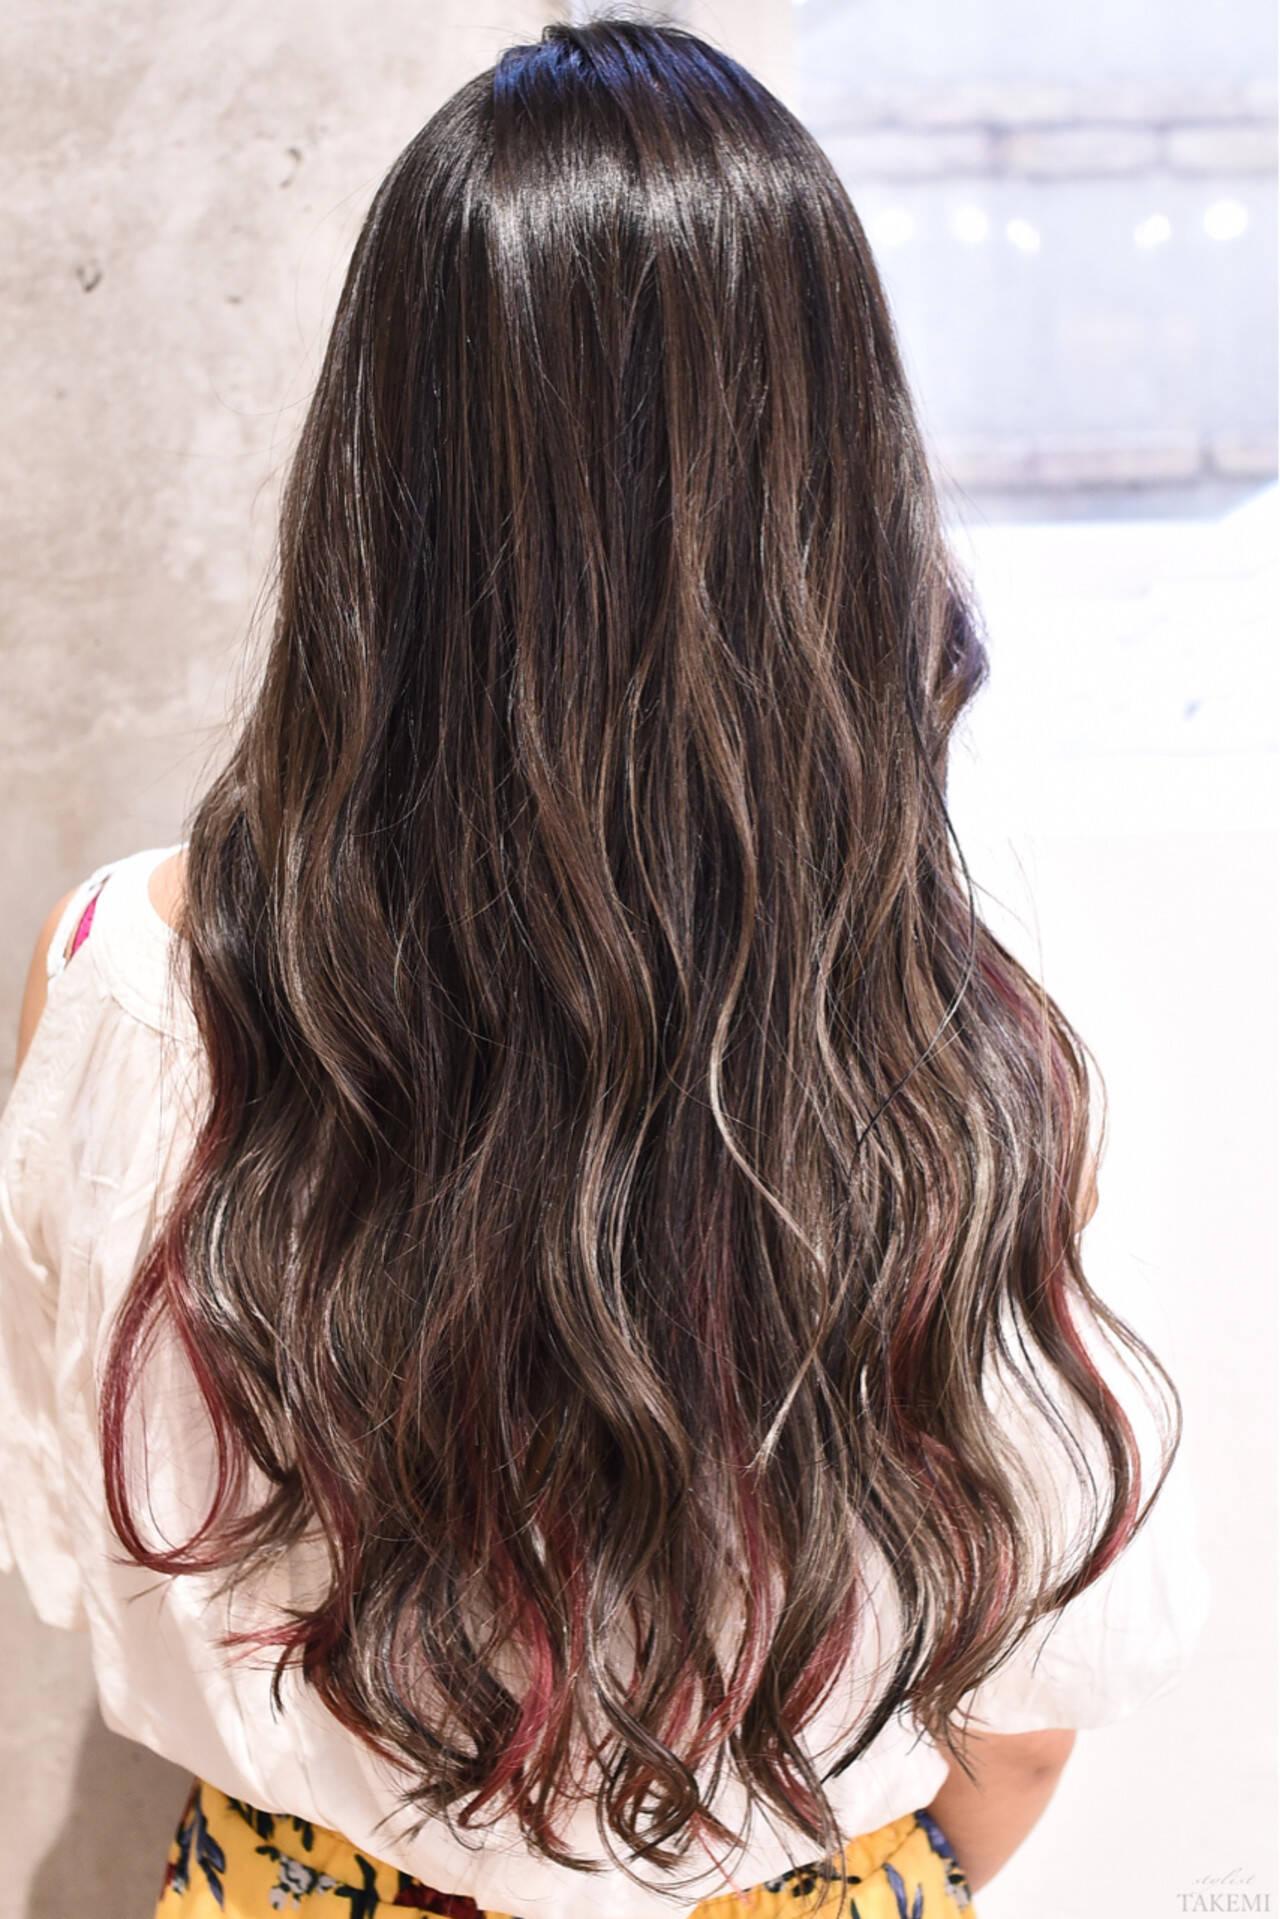 グラデーションカラー ガーリー ロング ハイライトヘアスタイルや髪型の写真・画像